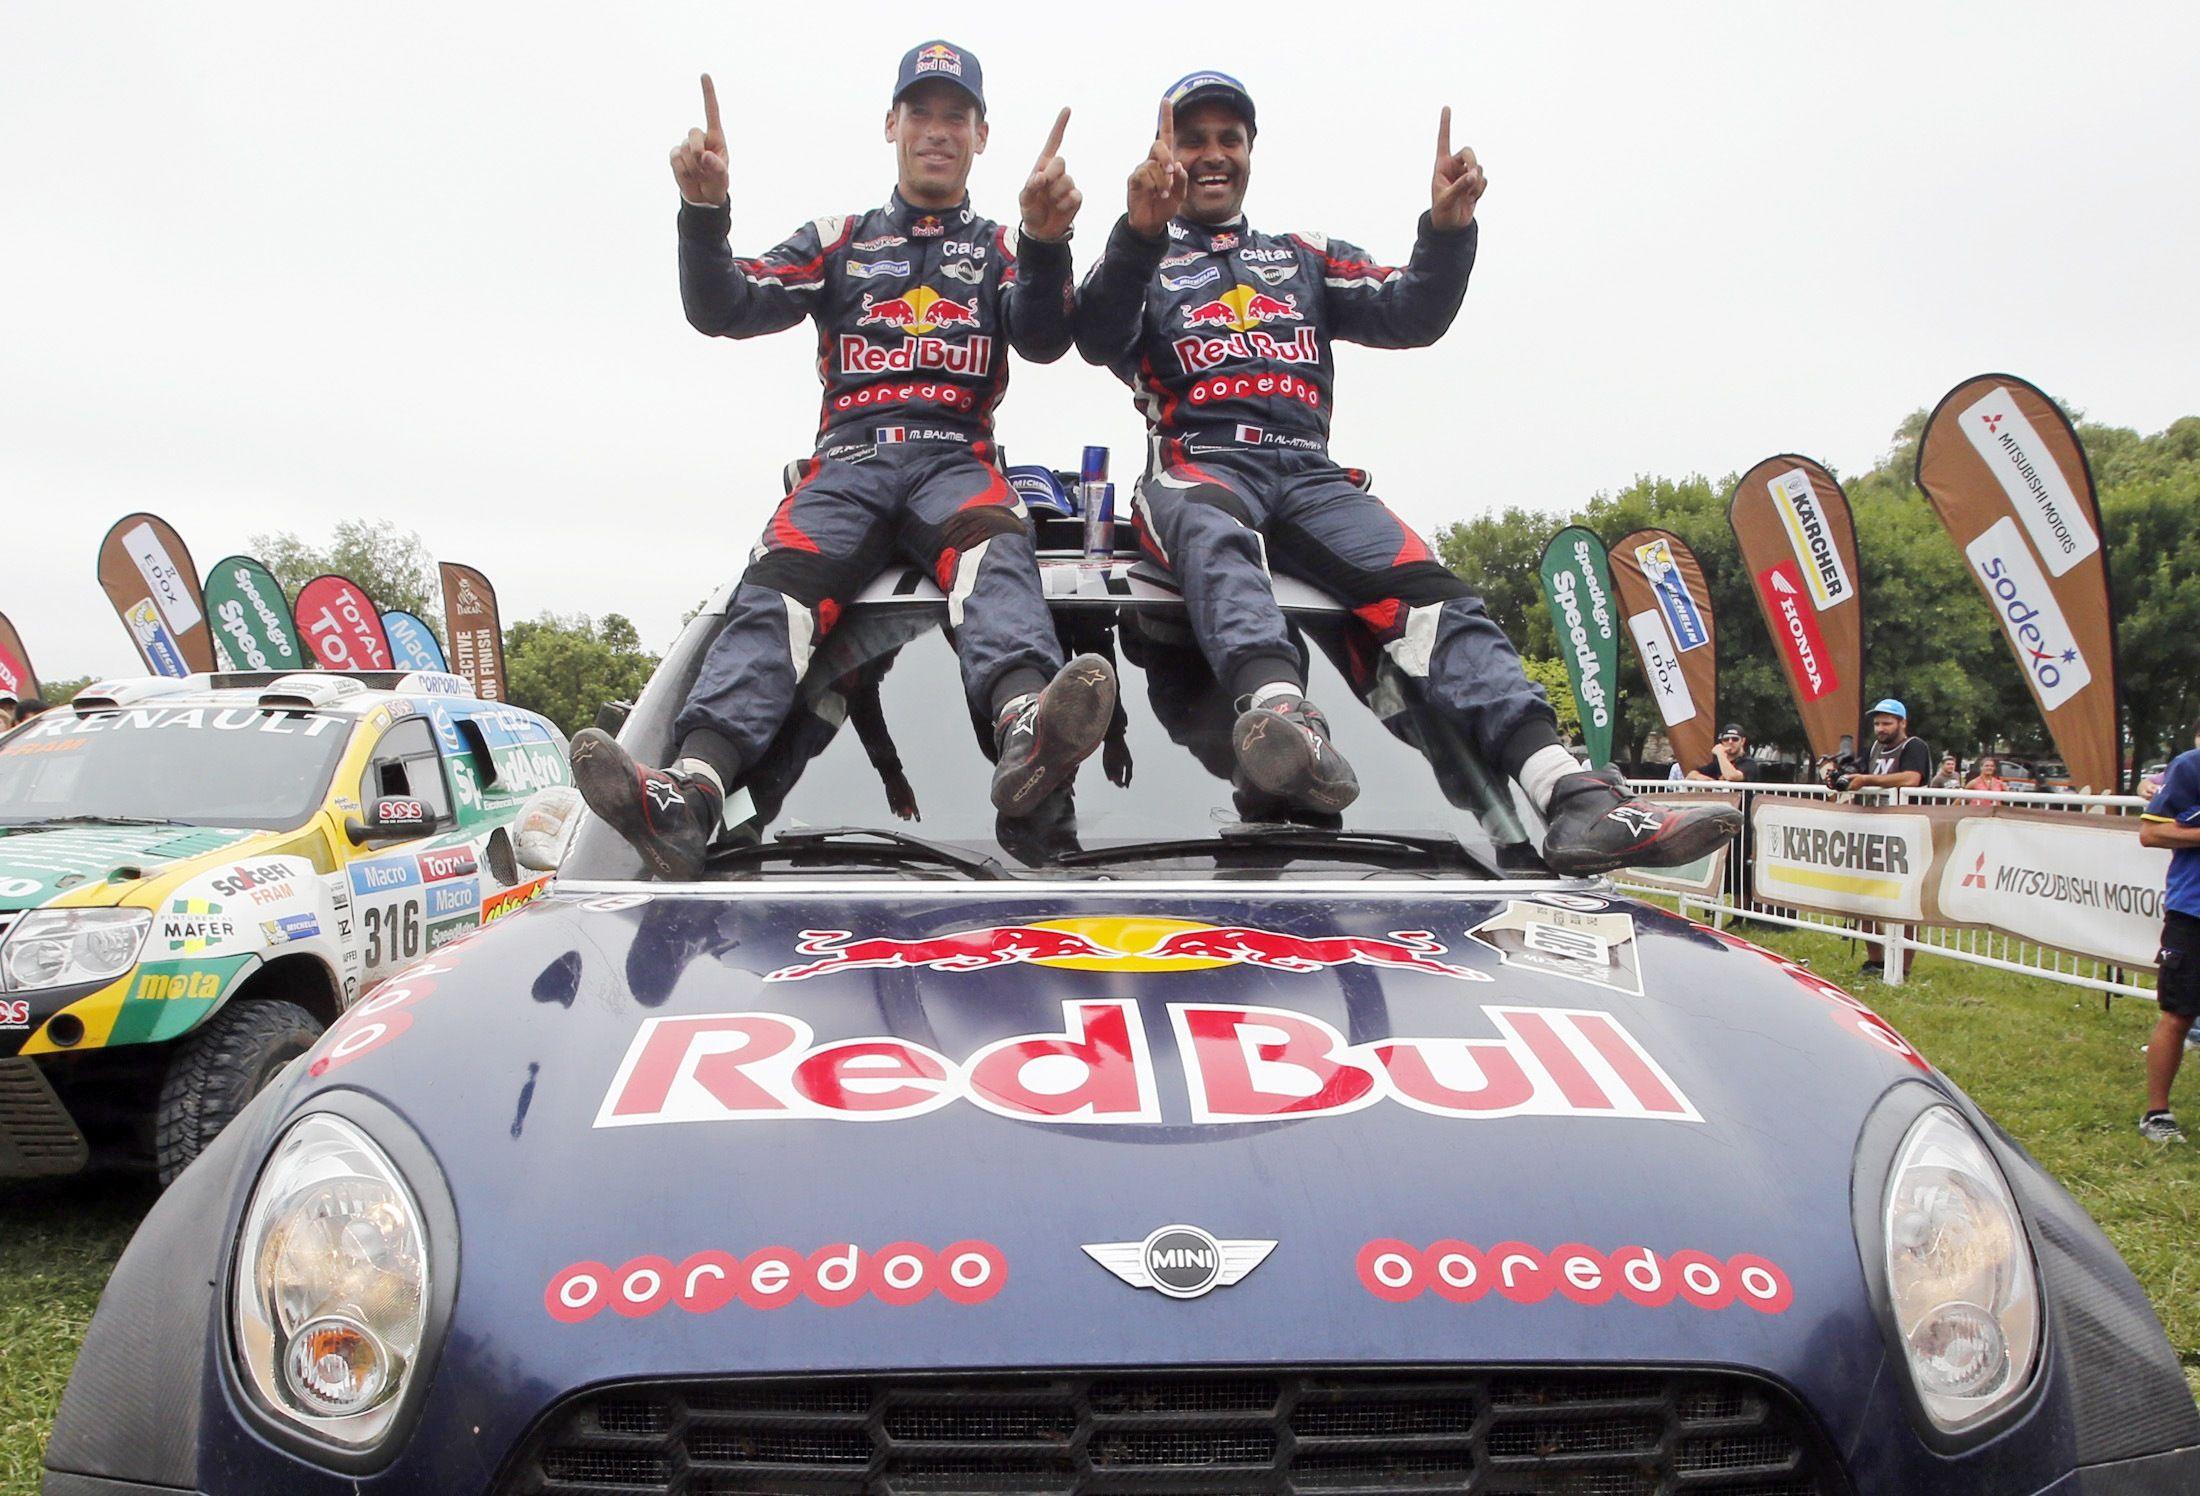 Al-Attiyah de Qatar (a la derecha) y su copiloto Matthieu Baumel de Francia celebran la victoria. (Foto: Reuters)